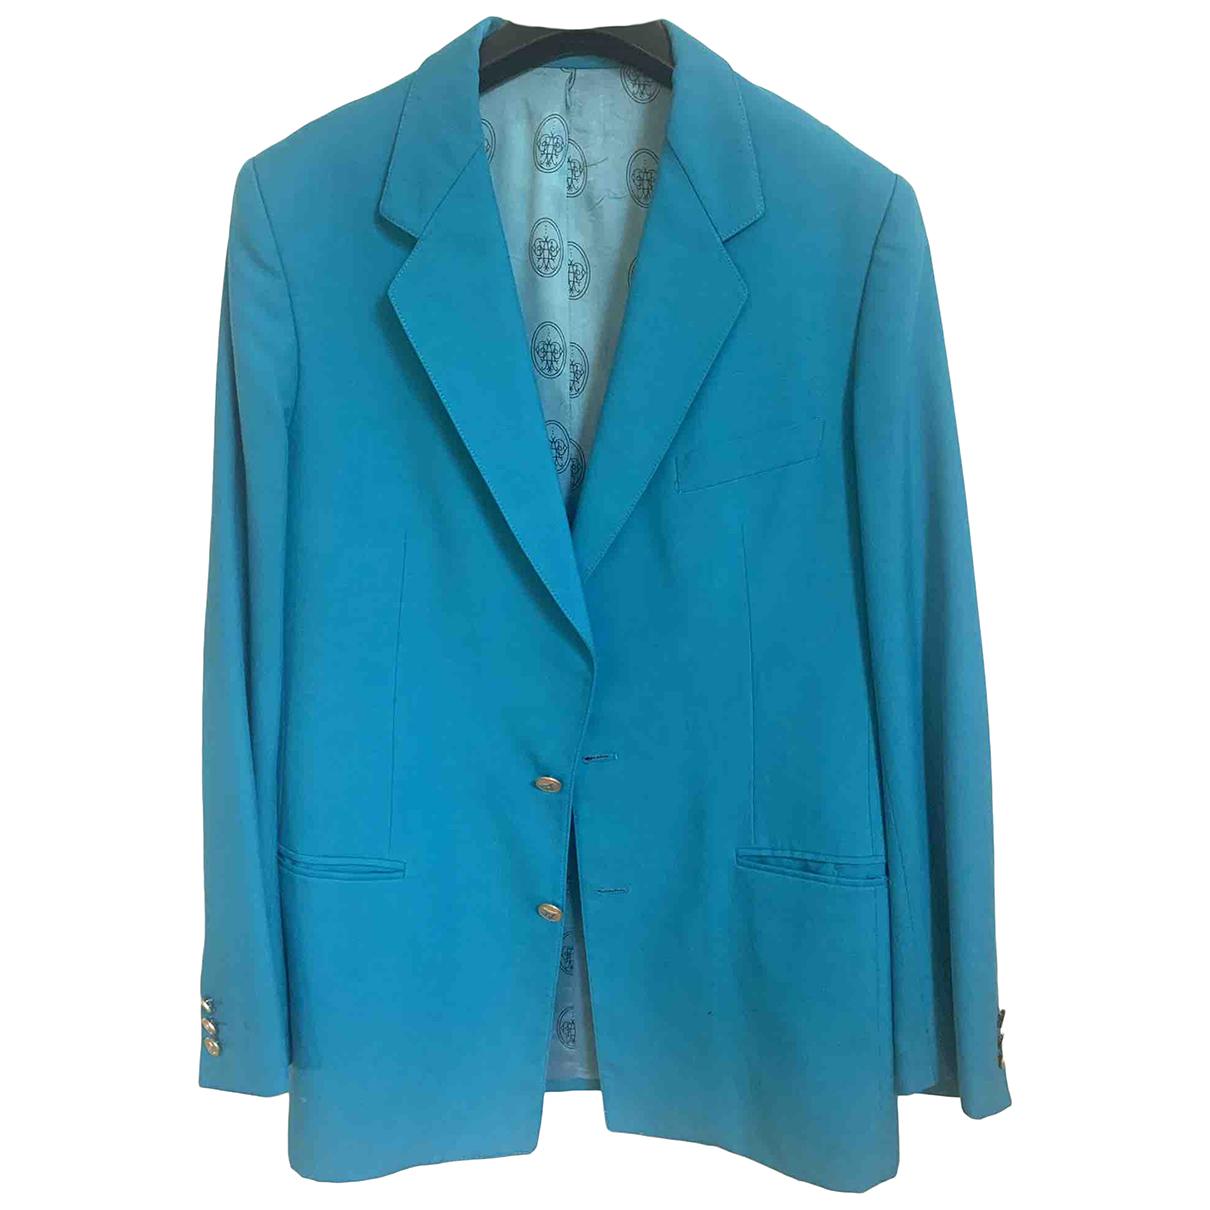 Emilio Pucci - Vestes.Blousons   pour homme en laine - turquoise